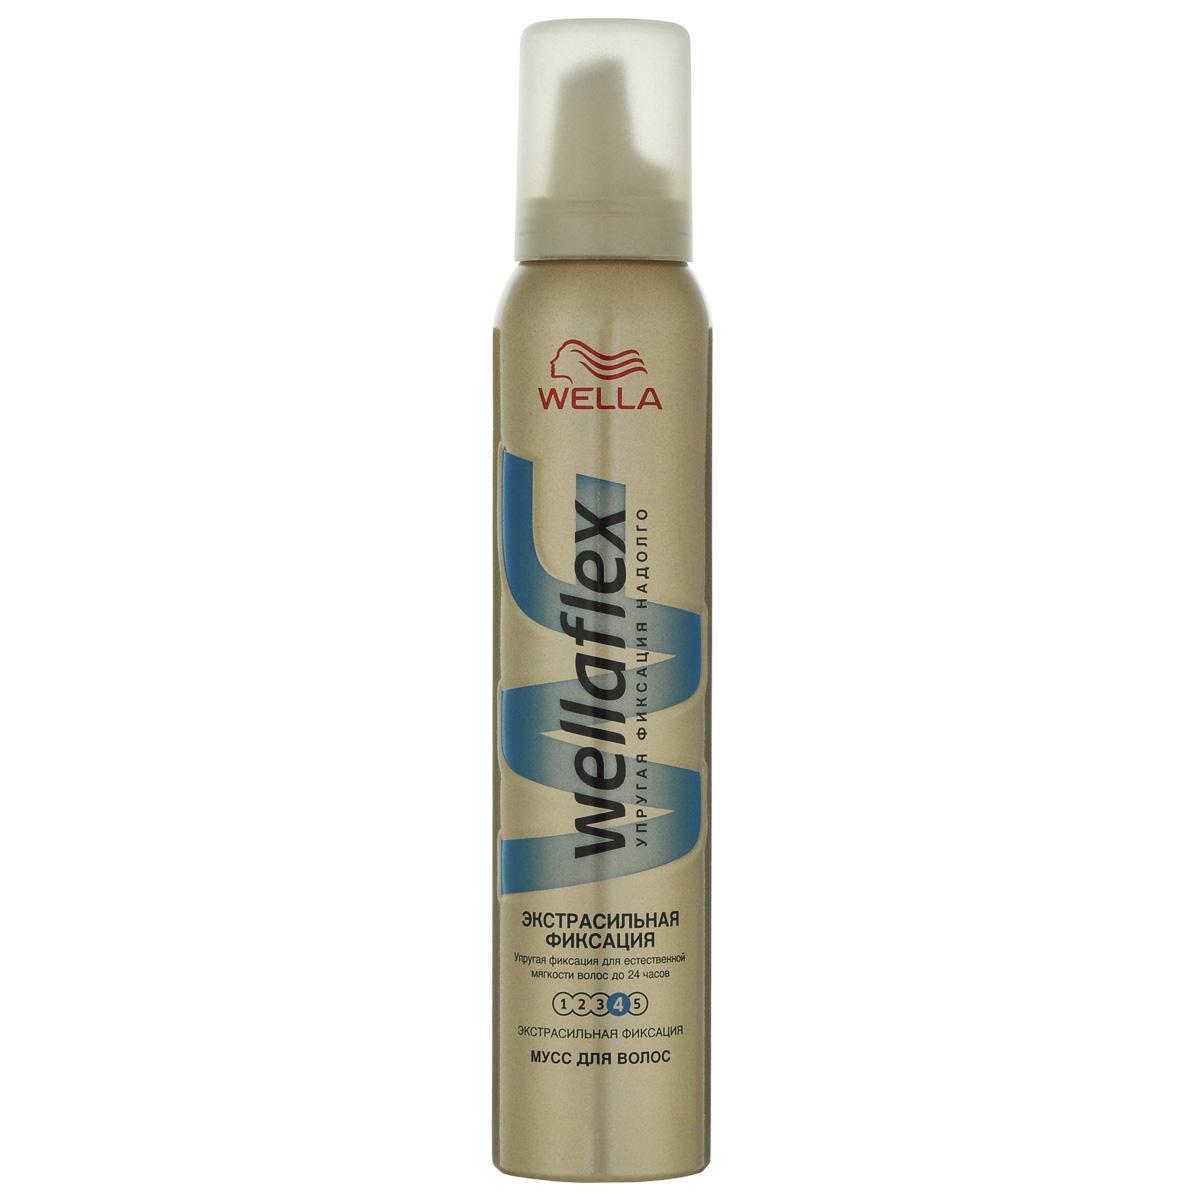 Wellaflex Мусс для укладки волос Экстрасильная фиксация до 24 часов, 200 млWF-81145208Мусс для укладки волос Wellaflex Объем до 2-х дней экстрасильной фиксации обеспечивает упругую фиксацию и заметный объем прически. Формула Запас объема и гибкости образует на волосах структуру, которая, пружиня, помогает поддерживать длительный объем. Мусс сохраняет эластичность волос и защищает их от УФ-лучей. Не склеивает волосы. Характеристики:Объем: 200 мл. Товар сертифицирован. Уважаемые клиенты!Обращаем ваше внимание на измененный дизайн упаковки. Поставка осуществляется в зависимости от наличия на складе.